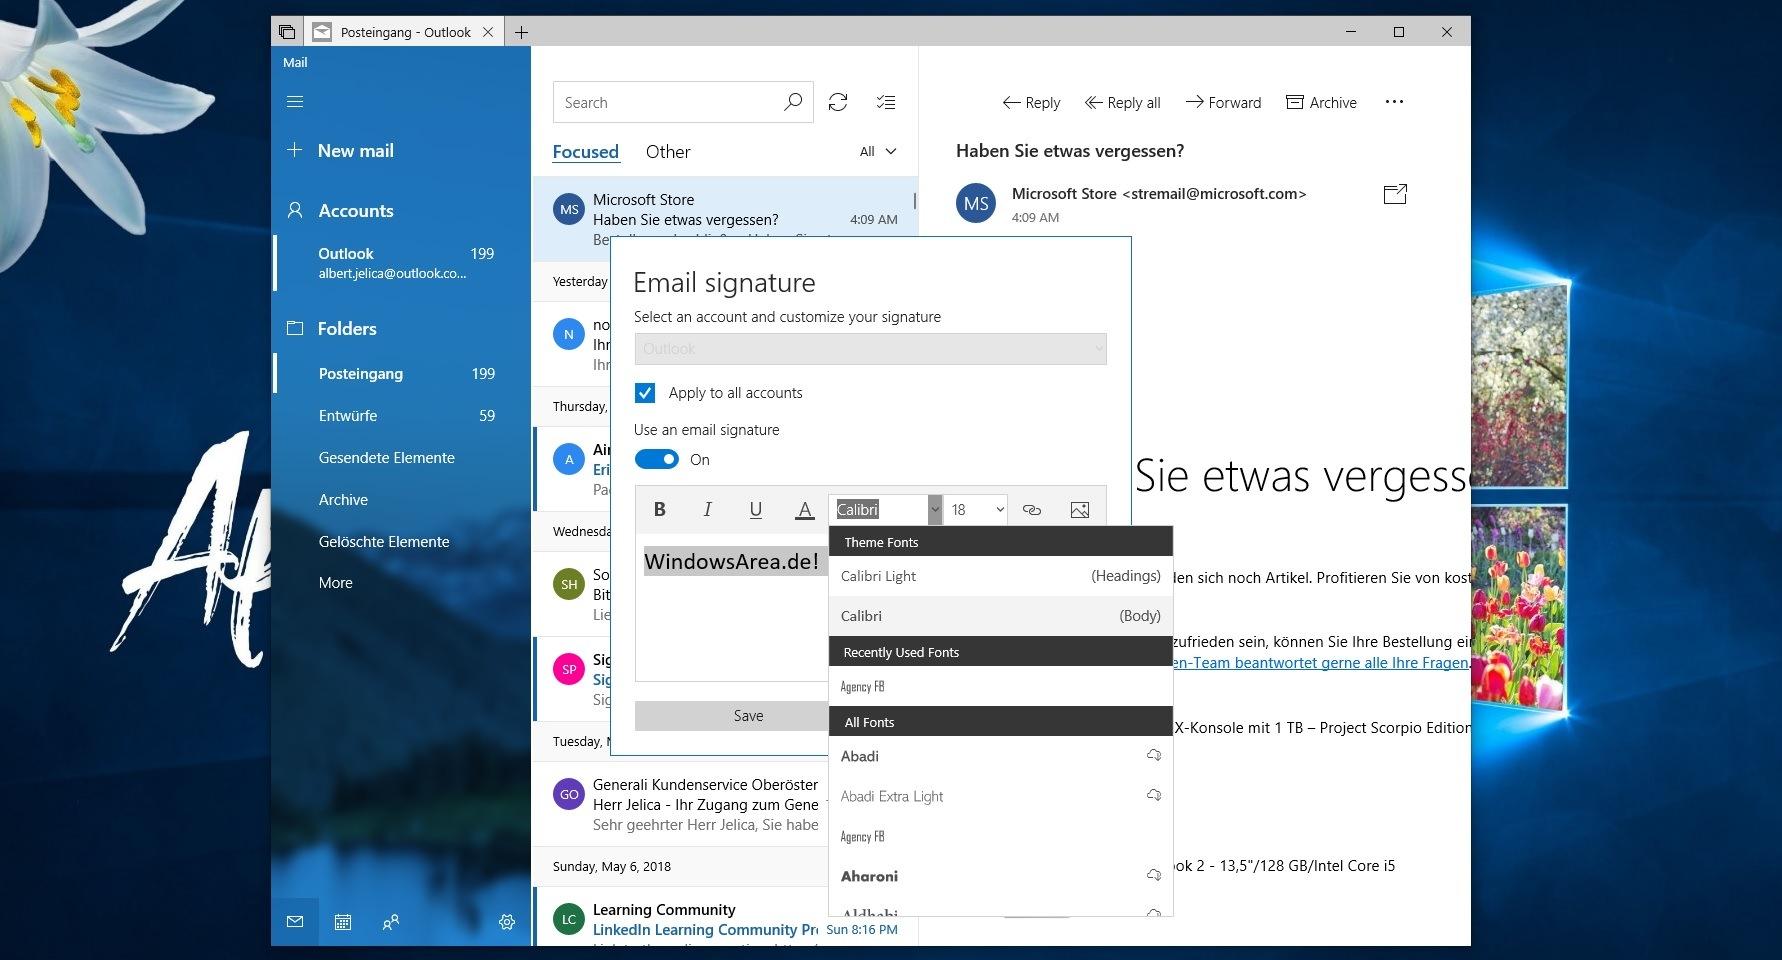 Windows 10 Mail-App bekommt ein wichtiges Feature